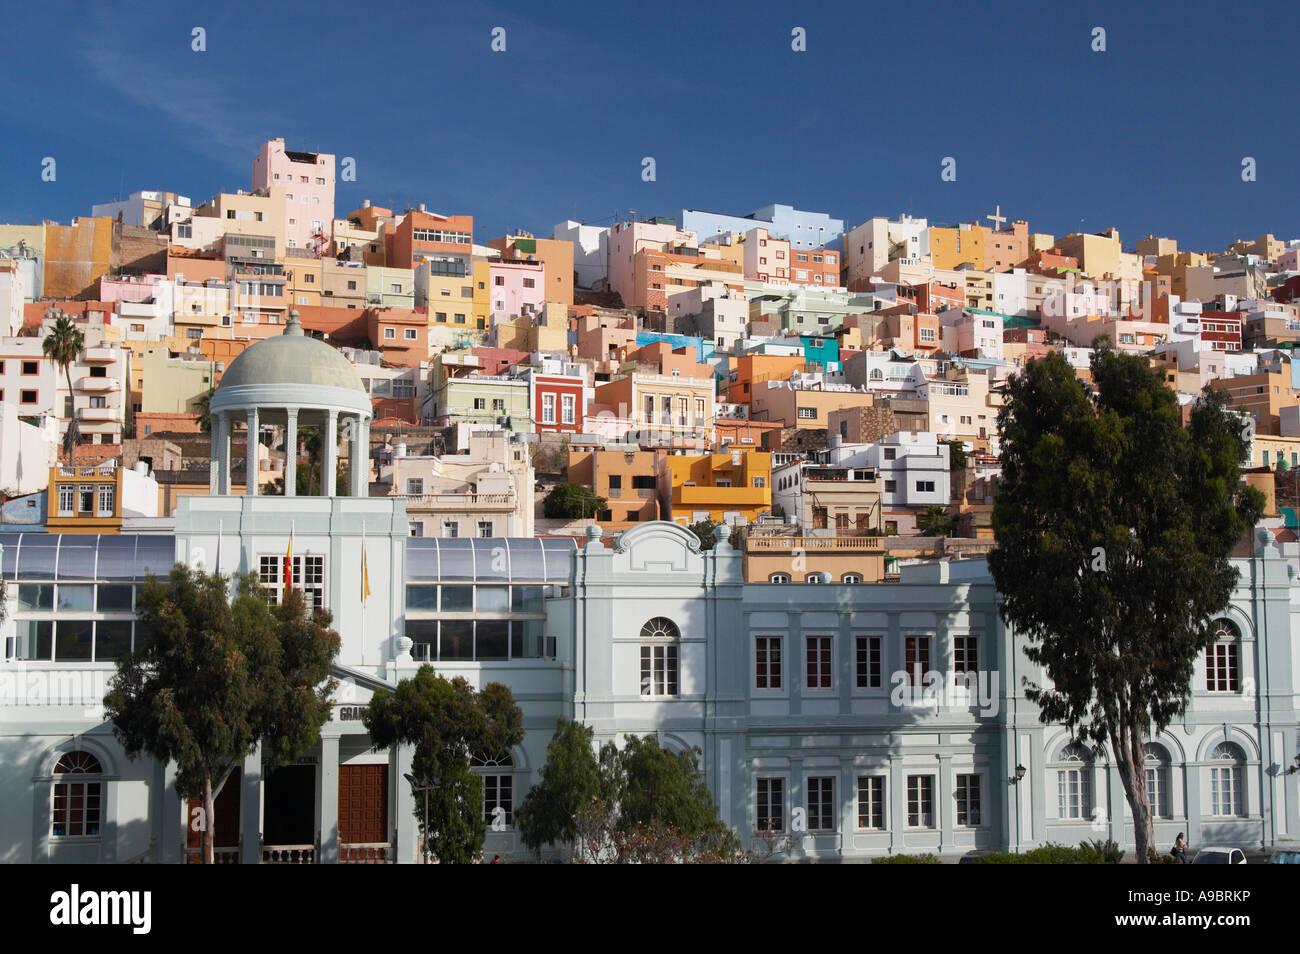 Bunte Häuser, Las Palmas, Gran Canaria, Kanarische Inseln